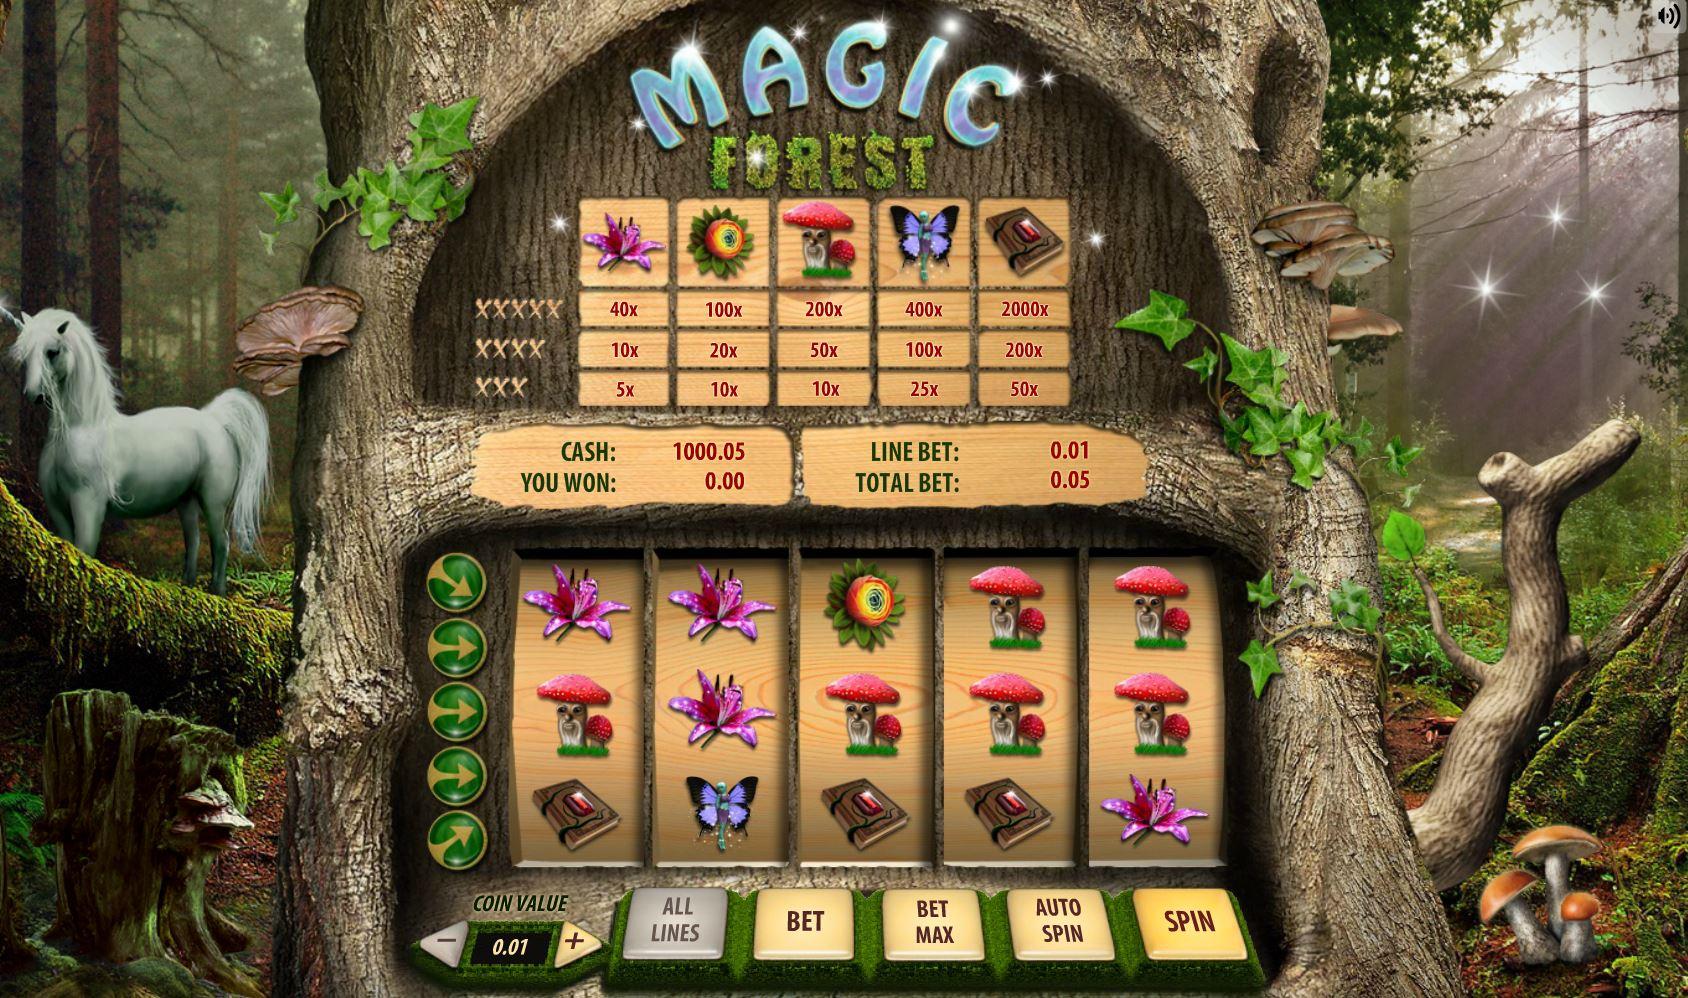 Lucky creek casino promo codes